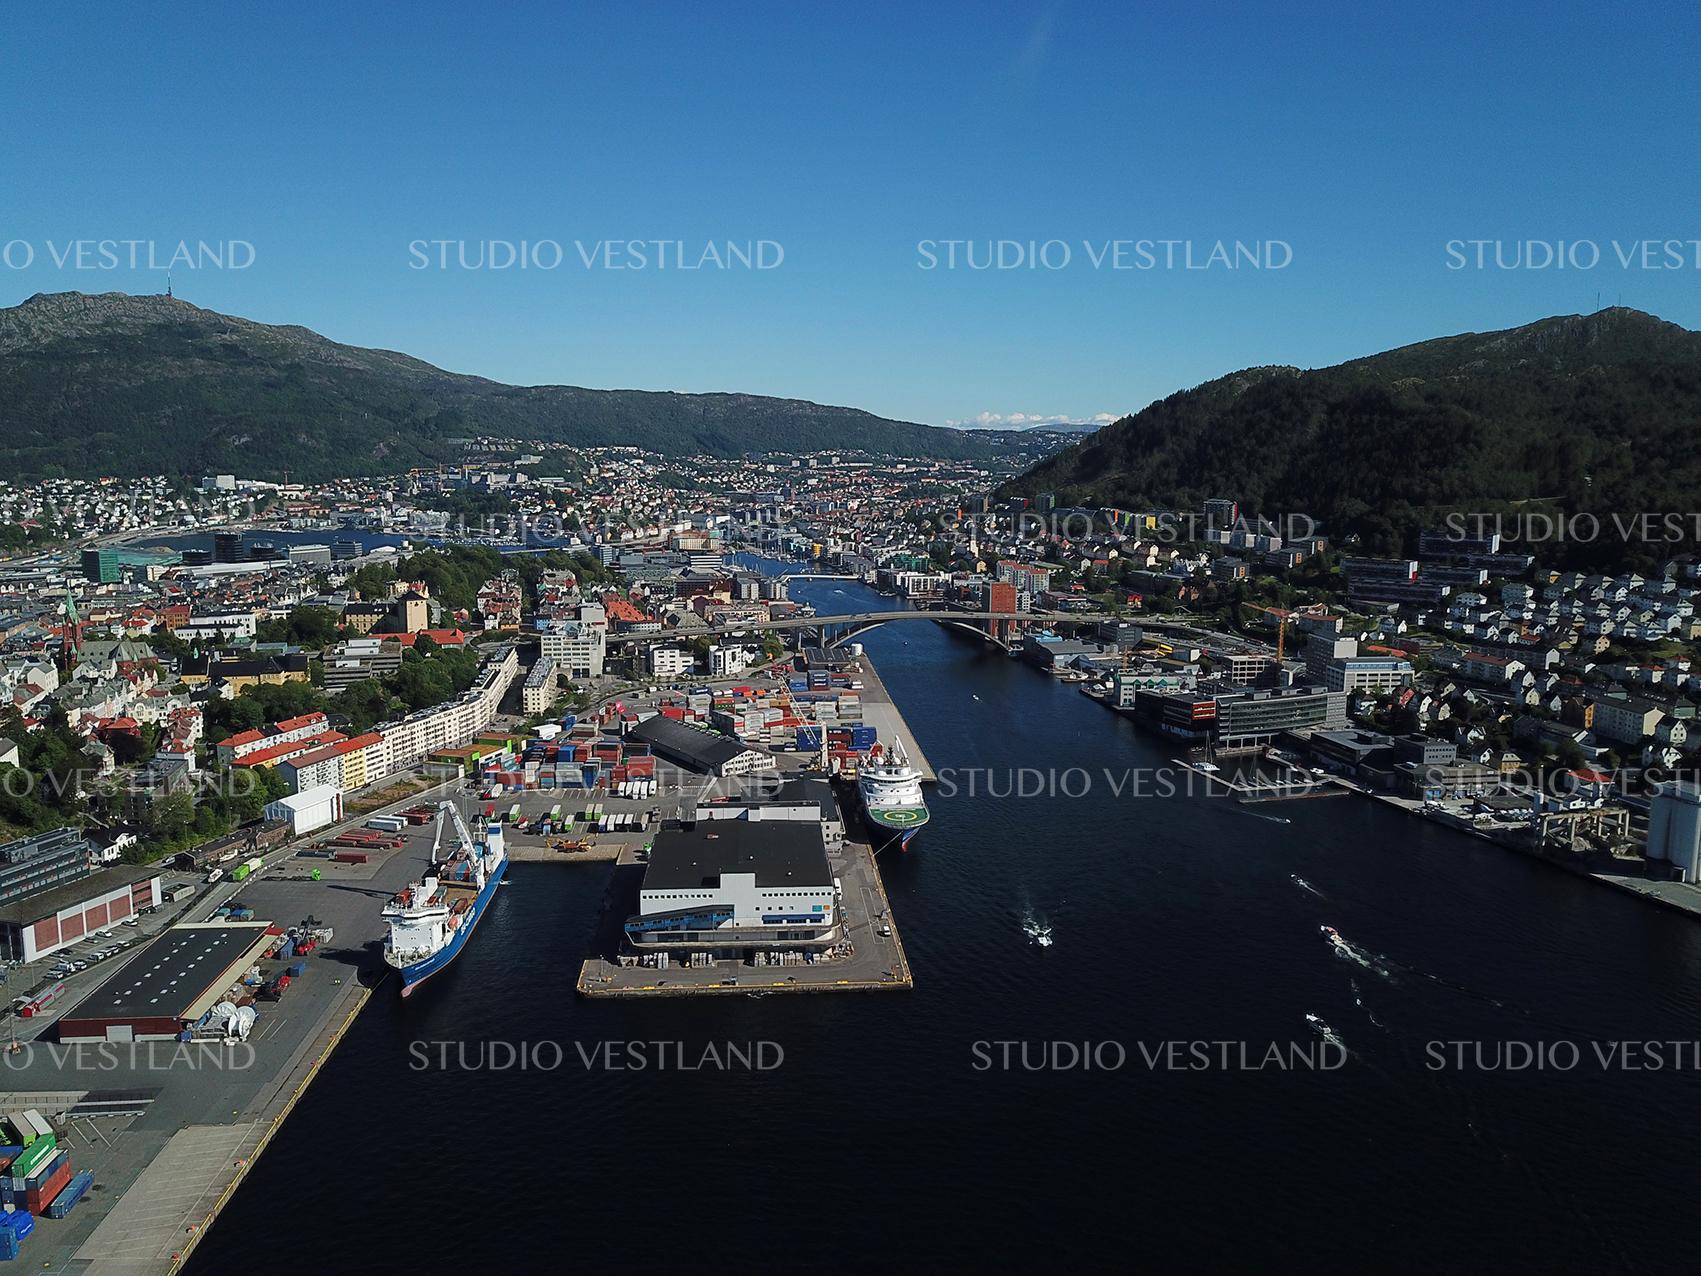 Studio Vestland - Bergen 33